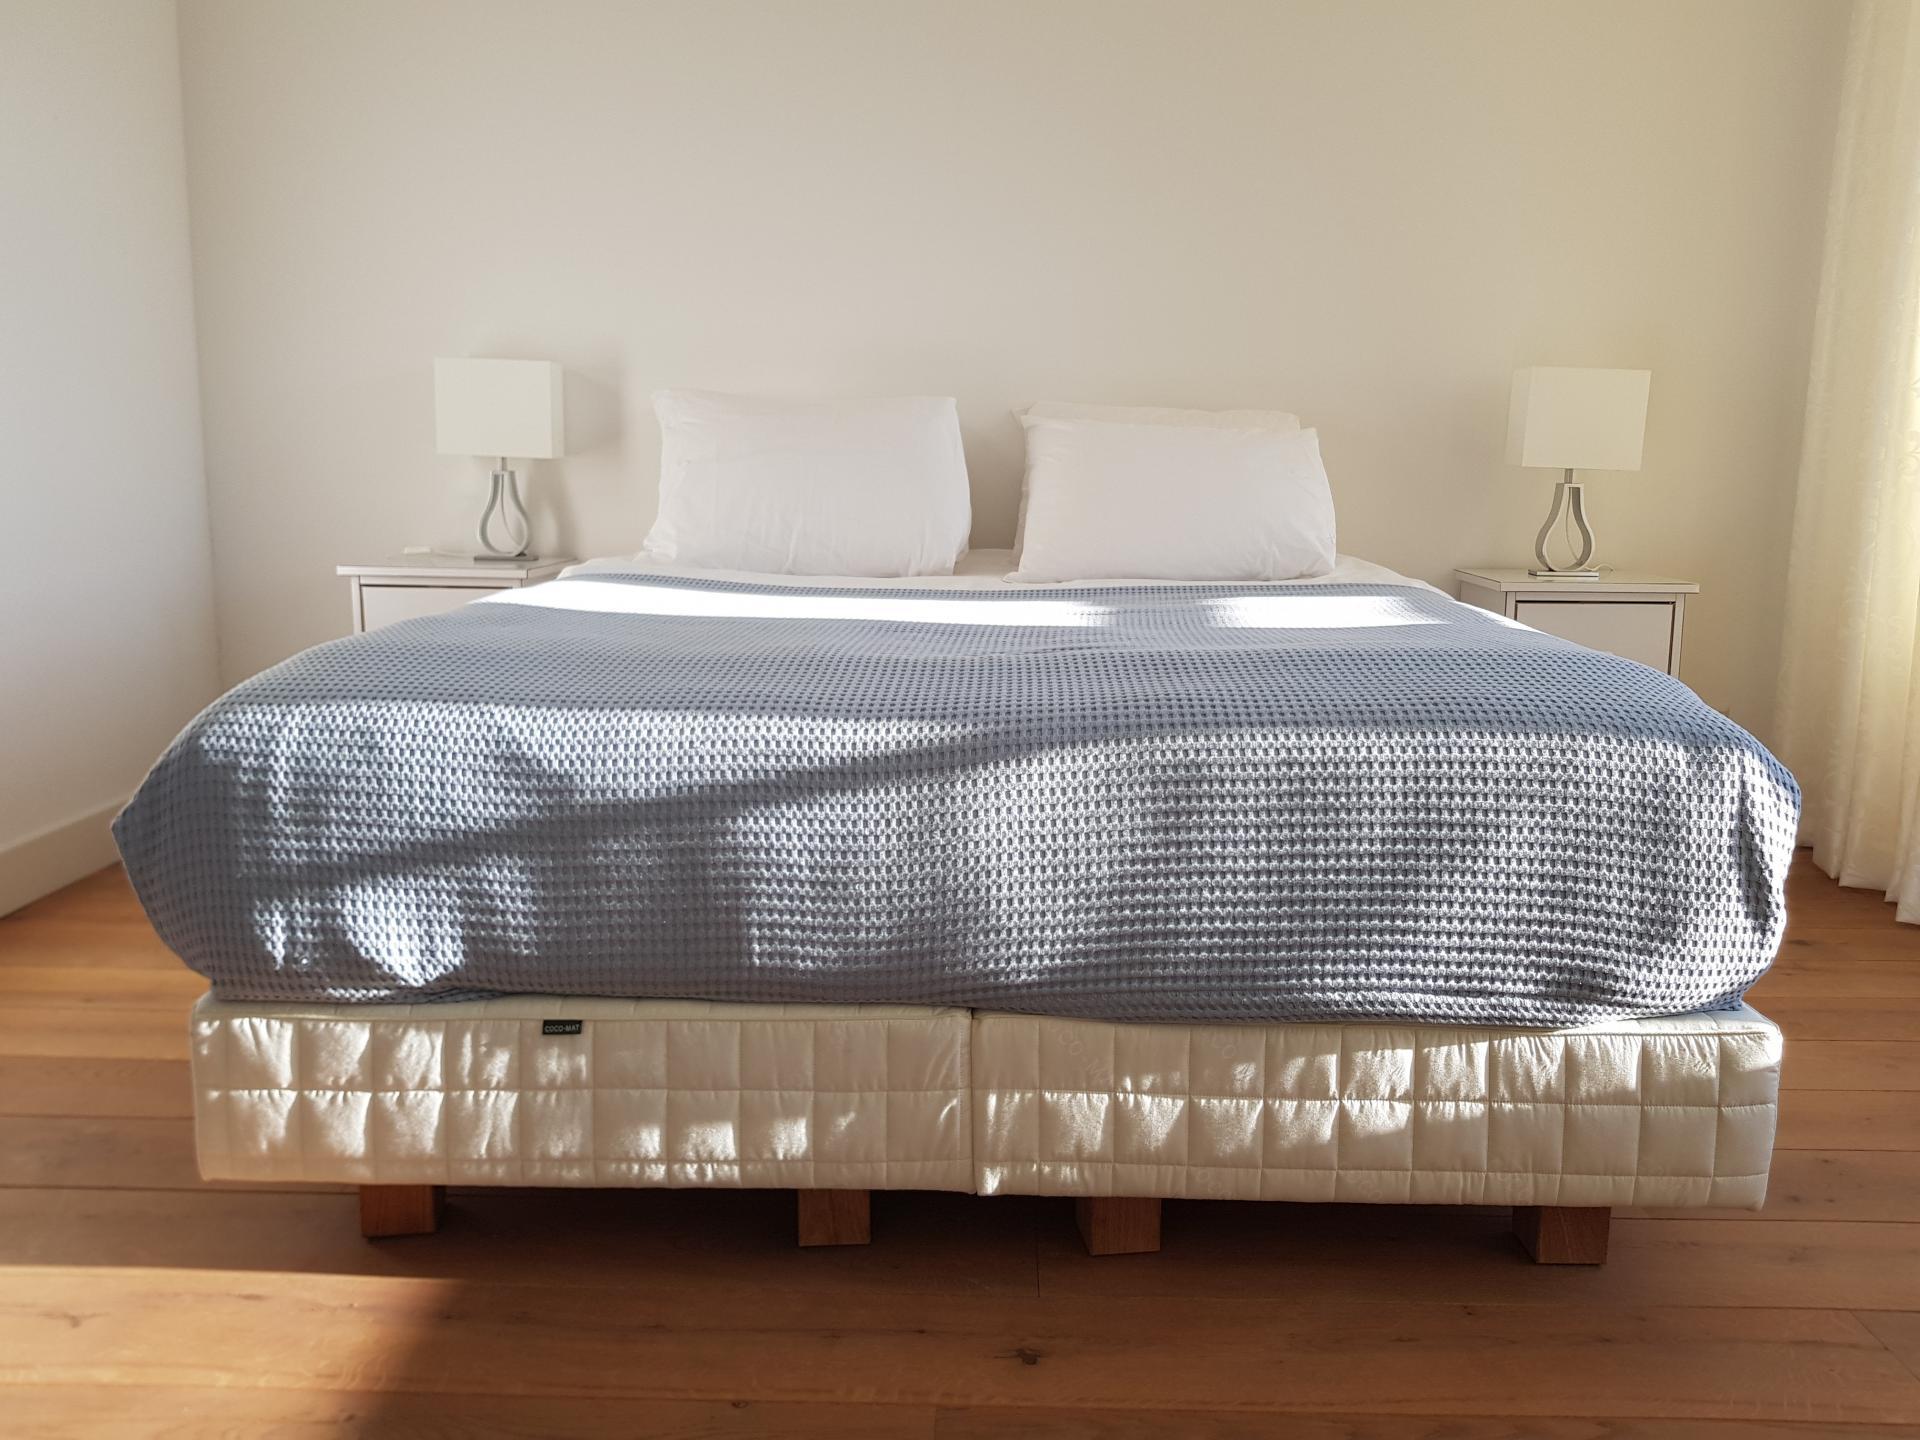 Bed at 21 Haarlemmerplein Apartments, Amsterdam